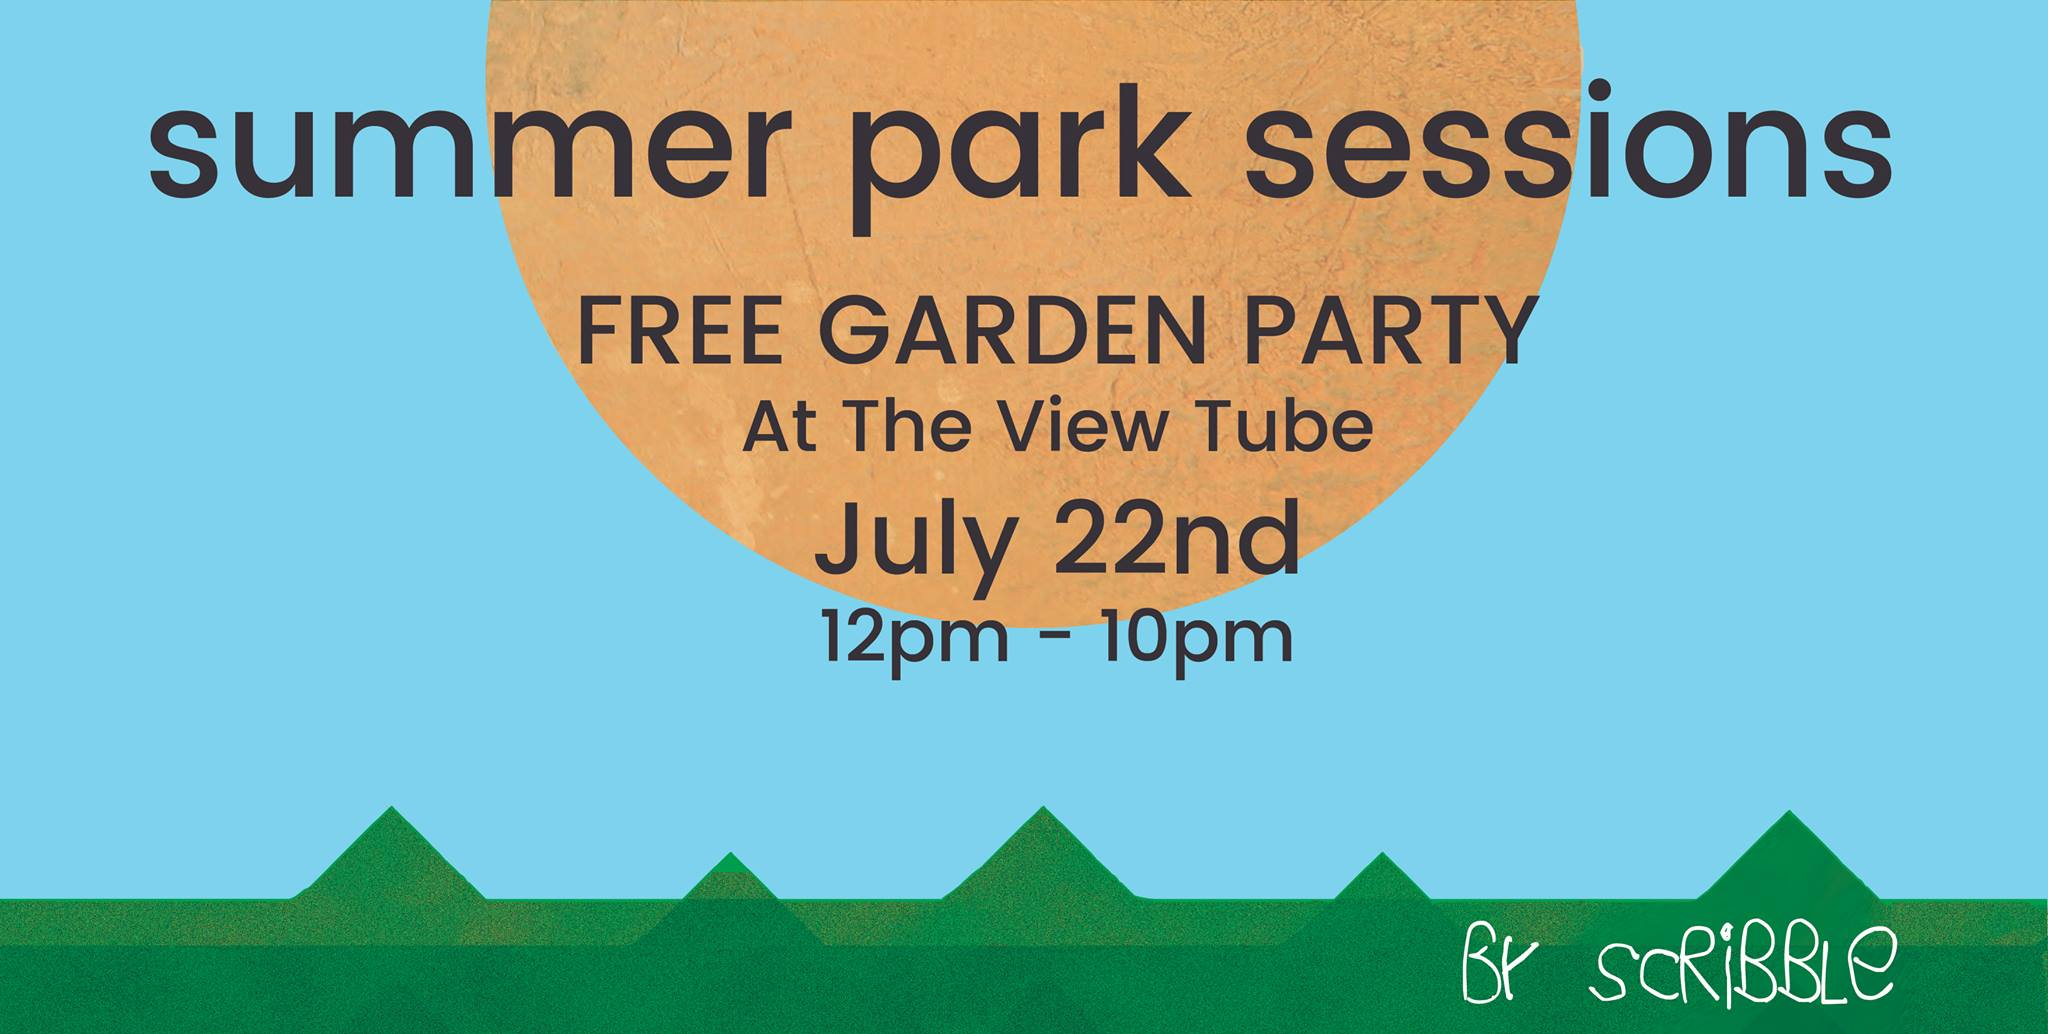 Summer Park Sessions - DJs in the Beer Garden